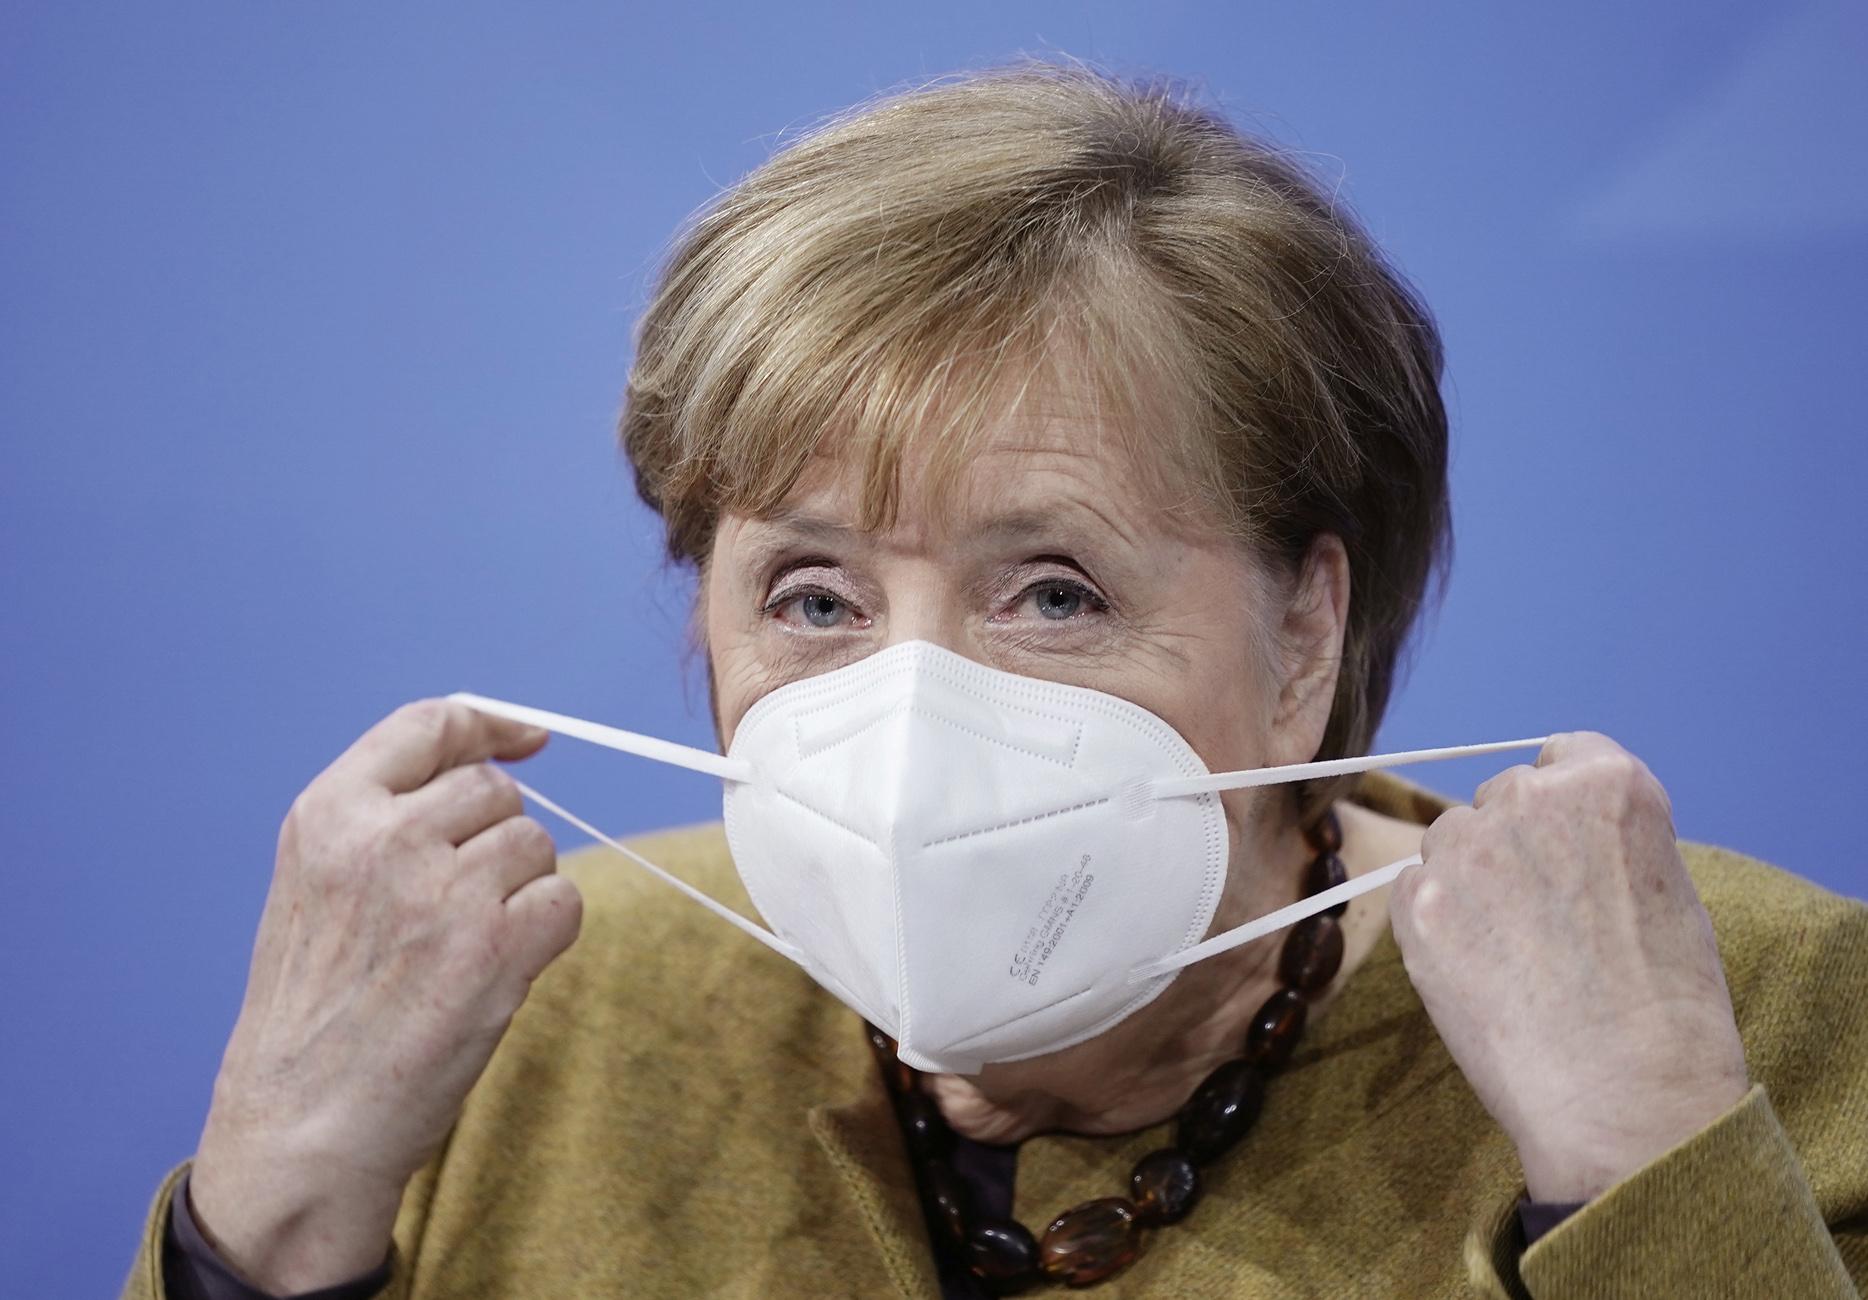 Μέρκελ: Καμία χαλάρωση των μέτρων μέχρι την 1η Μαρτίου